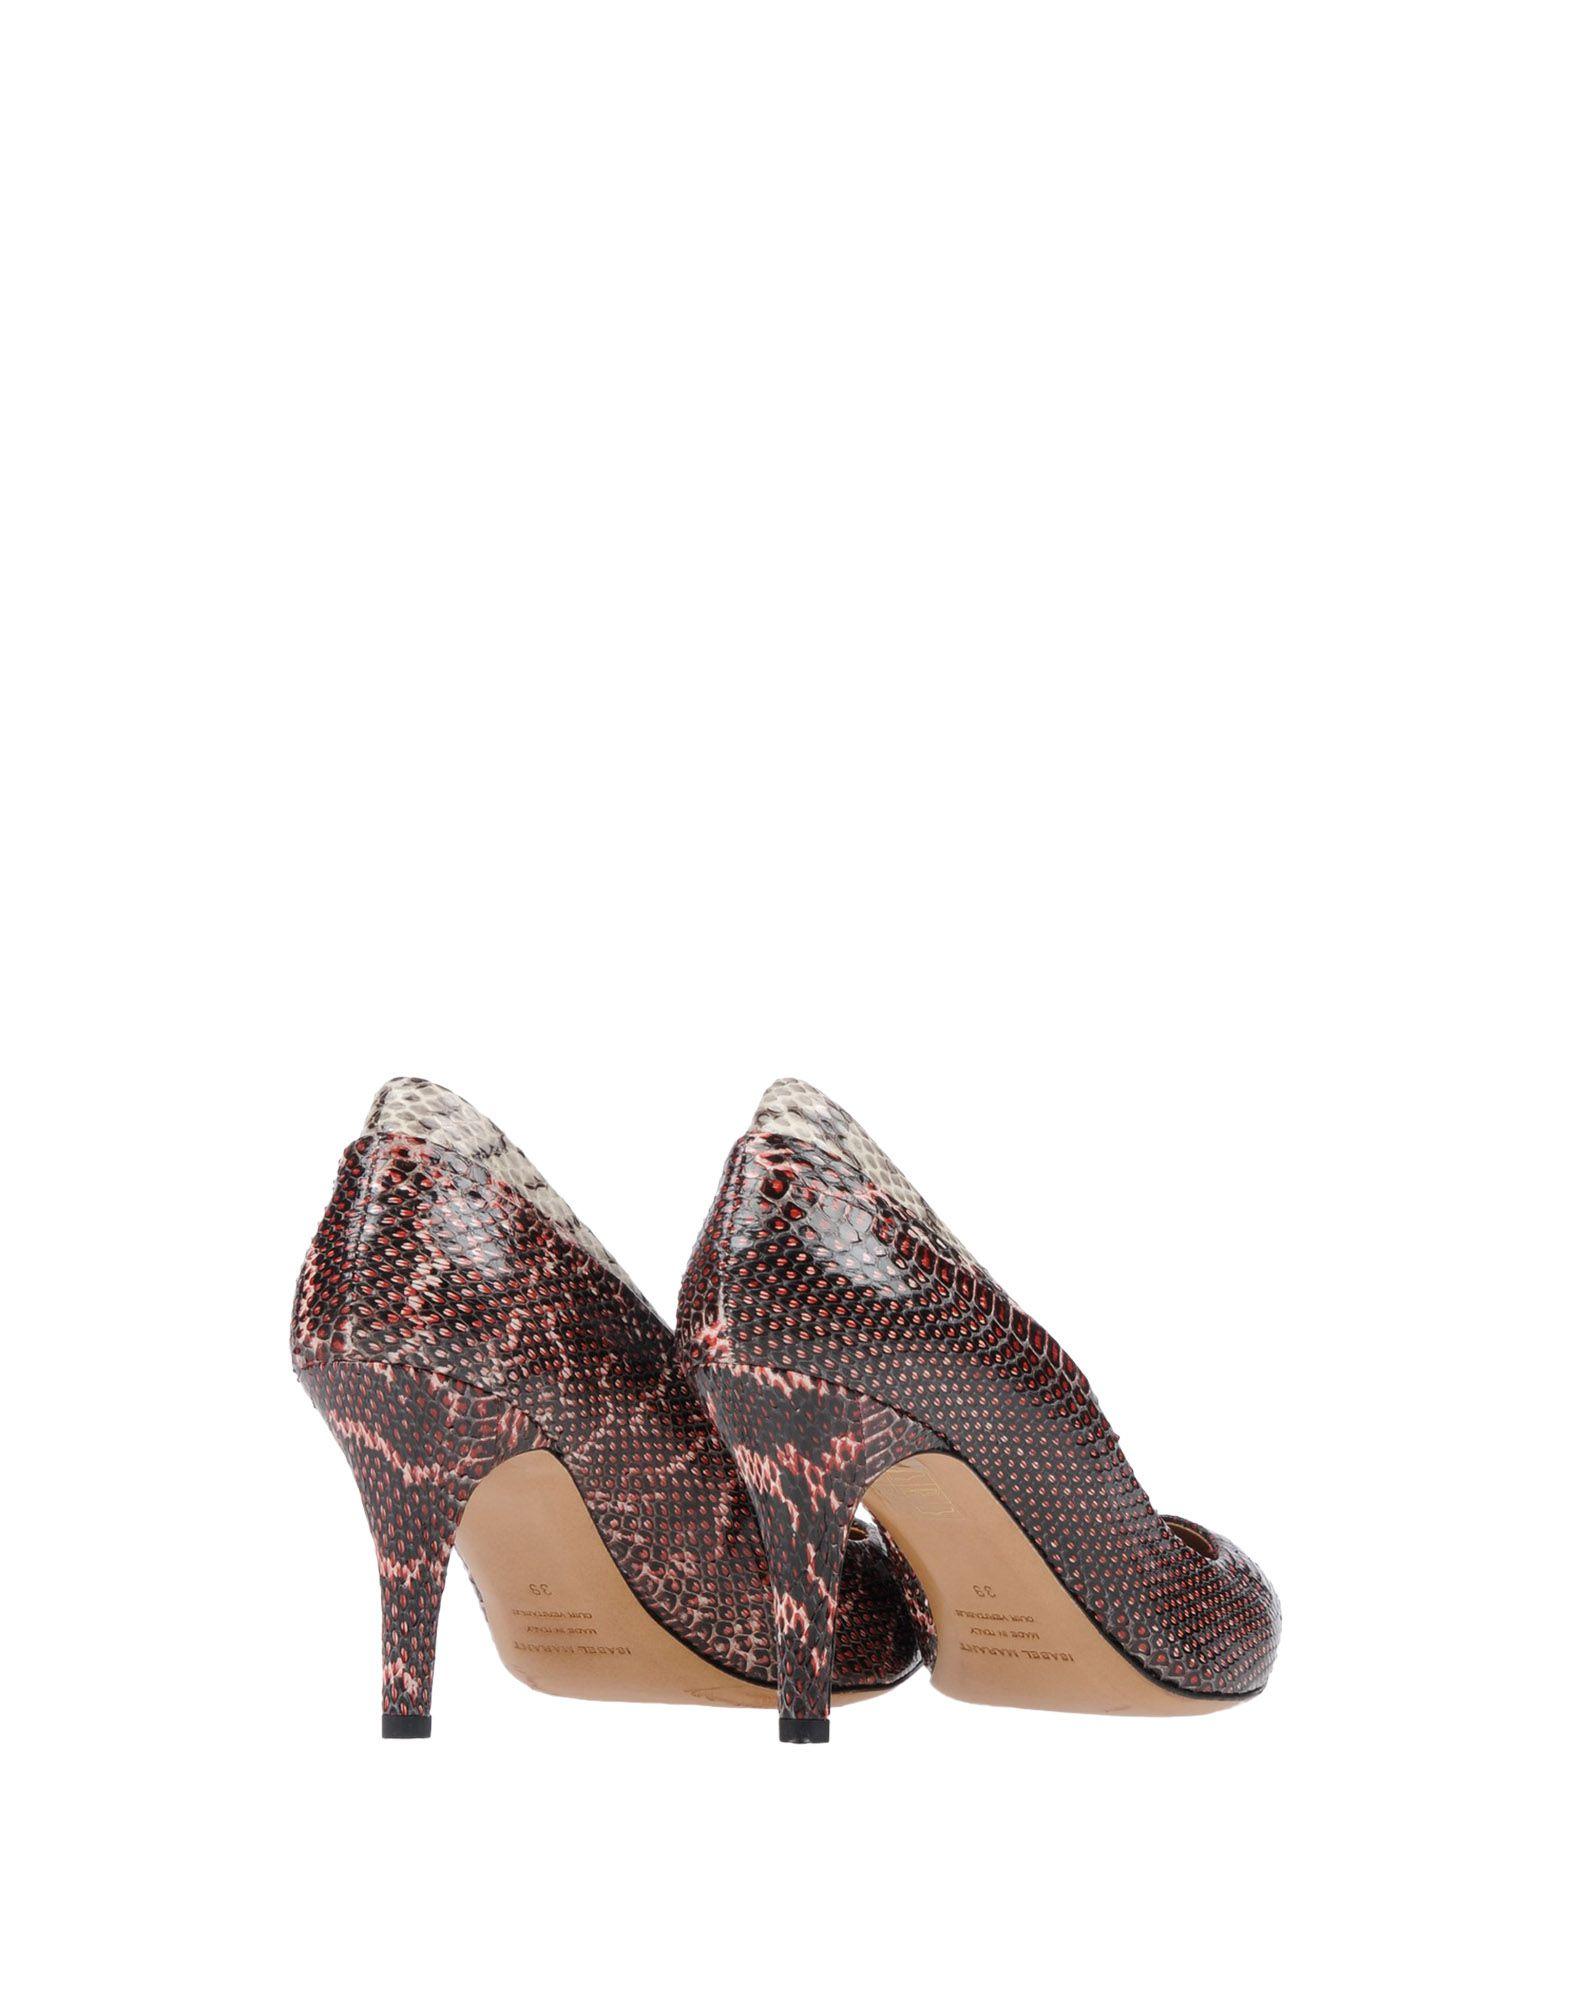 Rabatt Schuhe Pumps Isabel Marant Pumps Schuhe Damen  11479684GK 448680